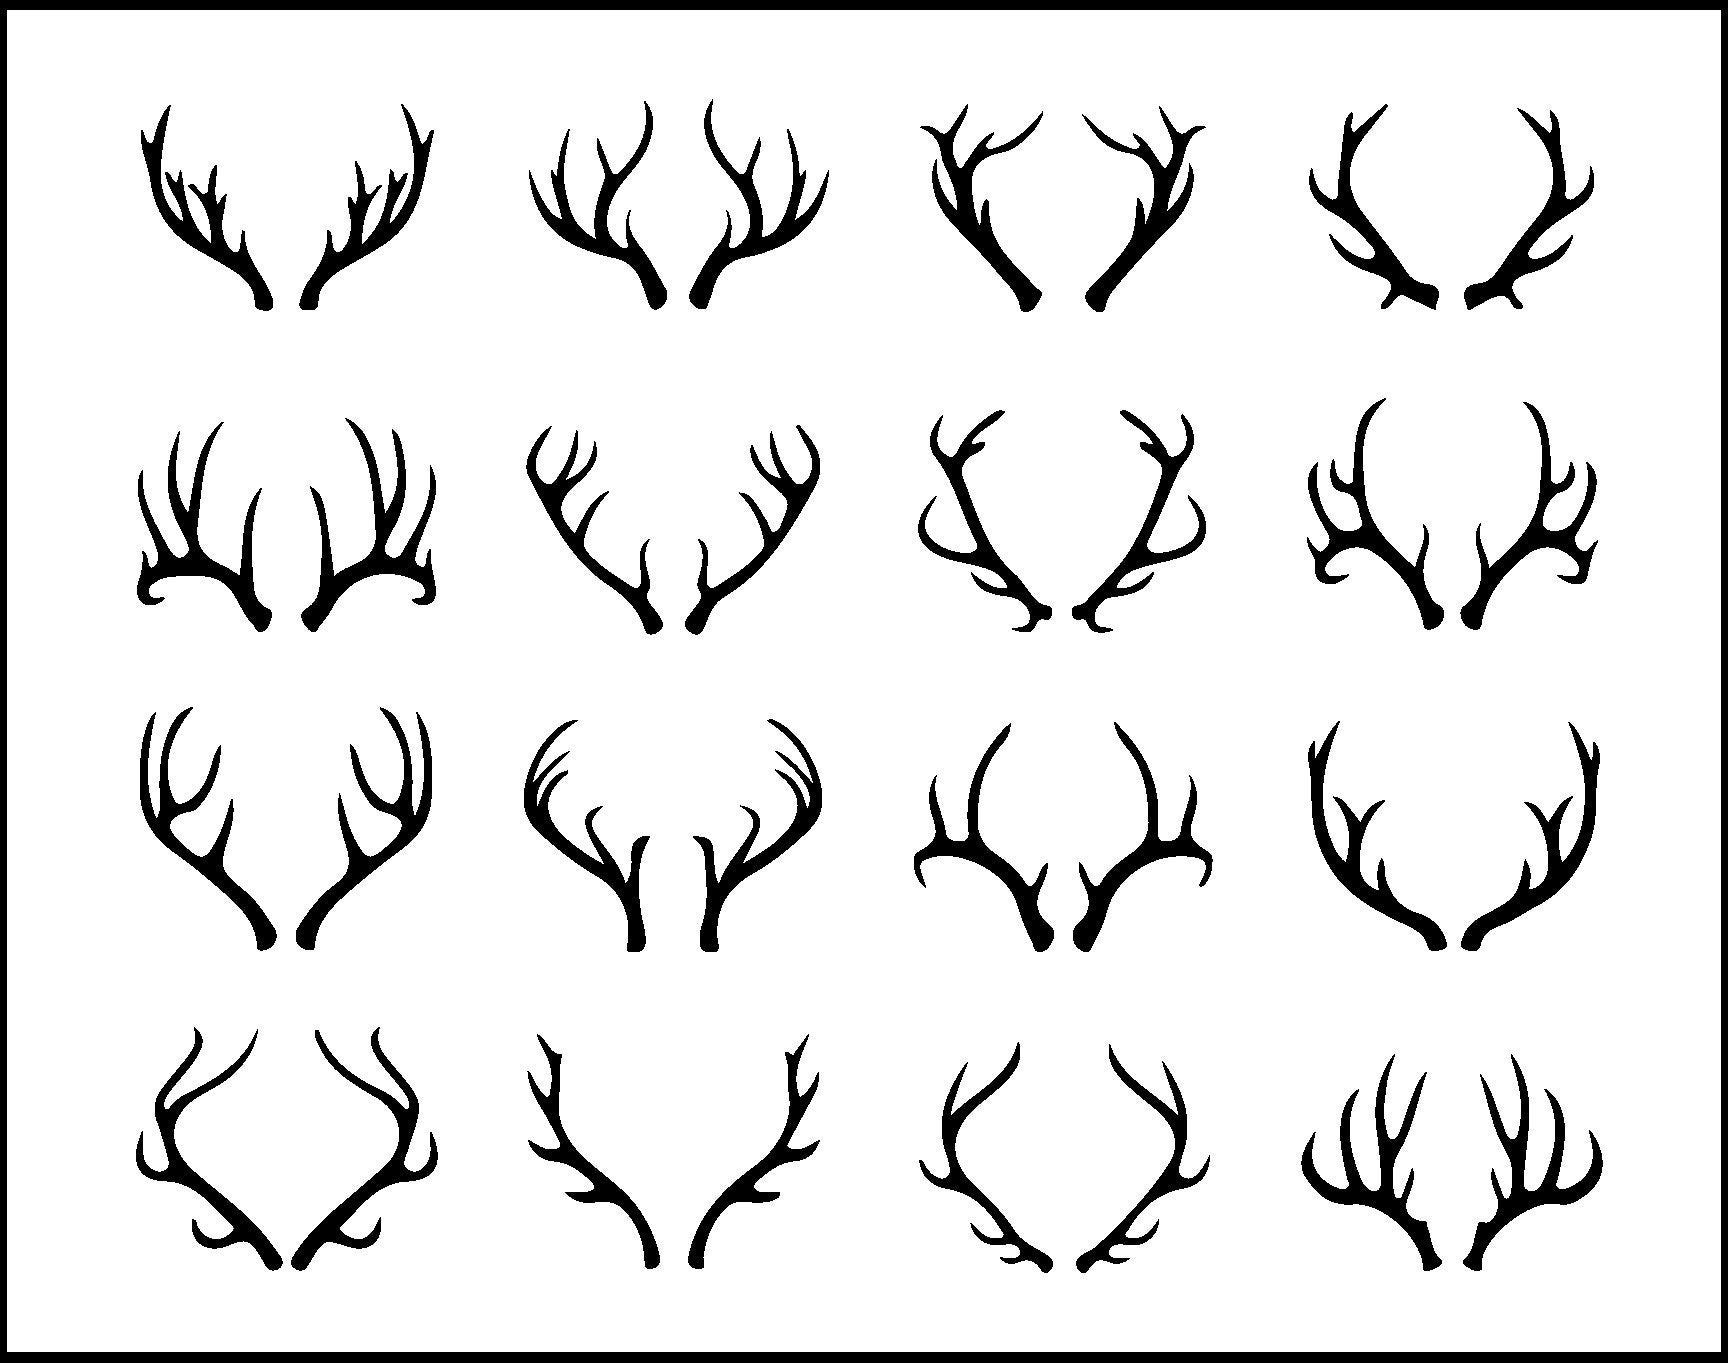 Antlers Svg Bundle Deer Antlers Svg File For Cricut Antler Design Elements Vector Image Clip Art Png Dxf Esp Deer Horns Silhouette Antler Tattoos Deer Skull Tattoos Stag Tattoo